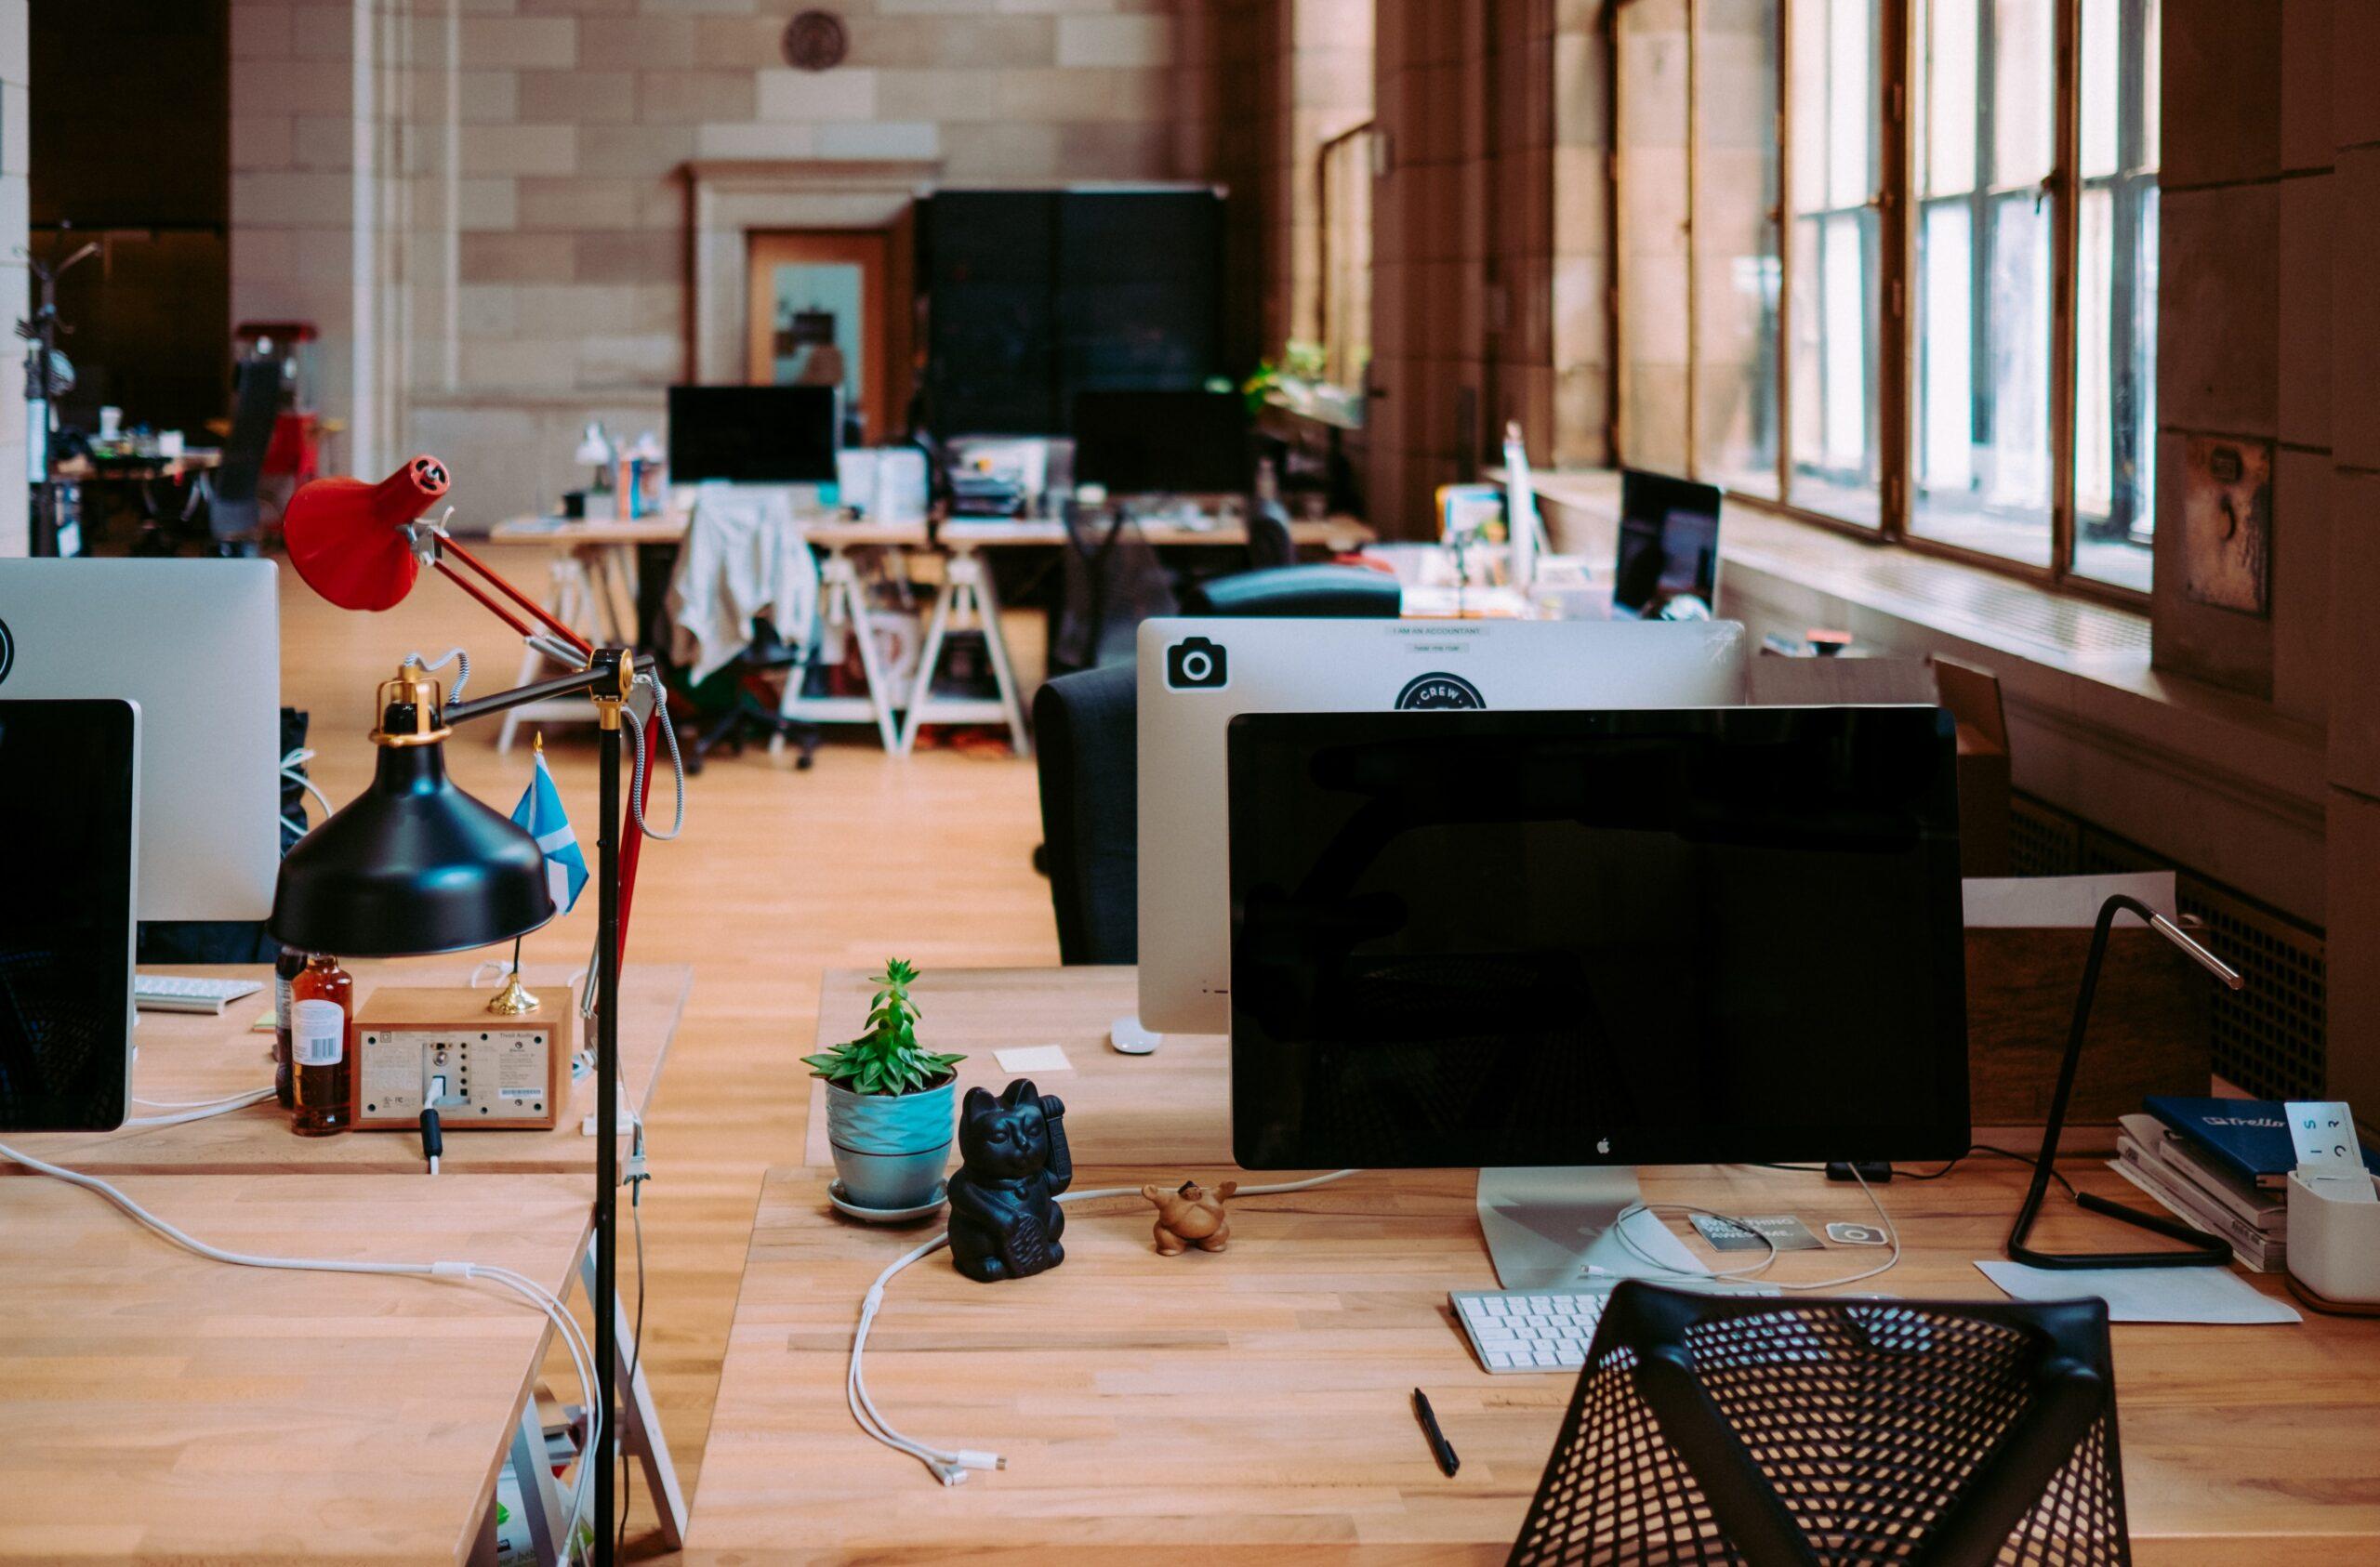 まとめ:おしゃれなオフィスなだけで業績が上がるのは本当です